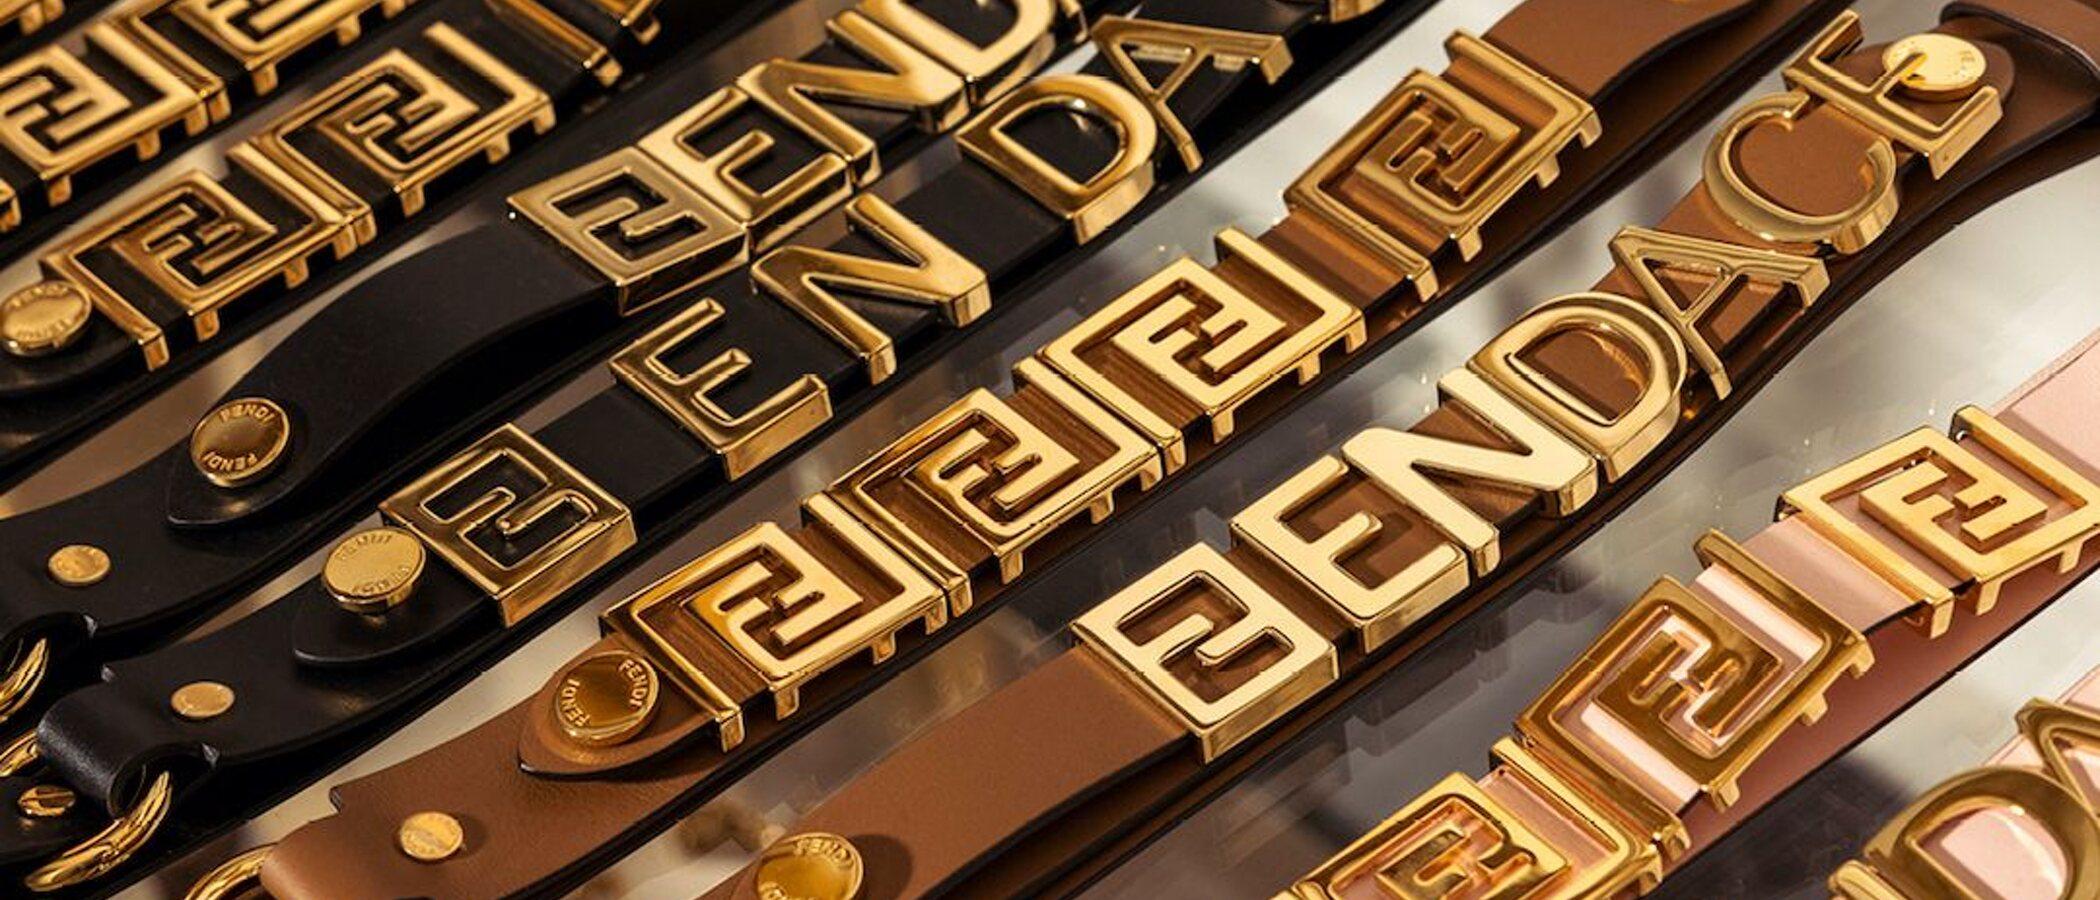 Fendace: Poco de Fendi y mucho de Versace